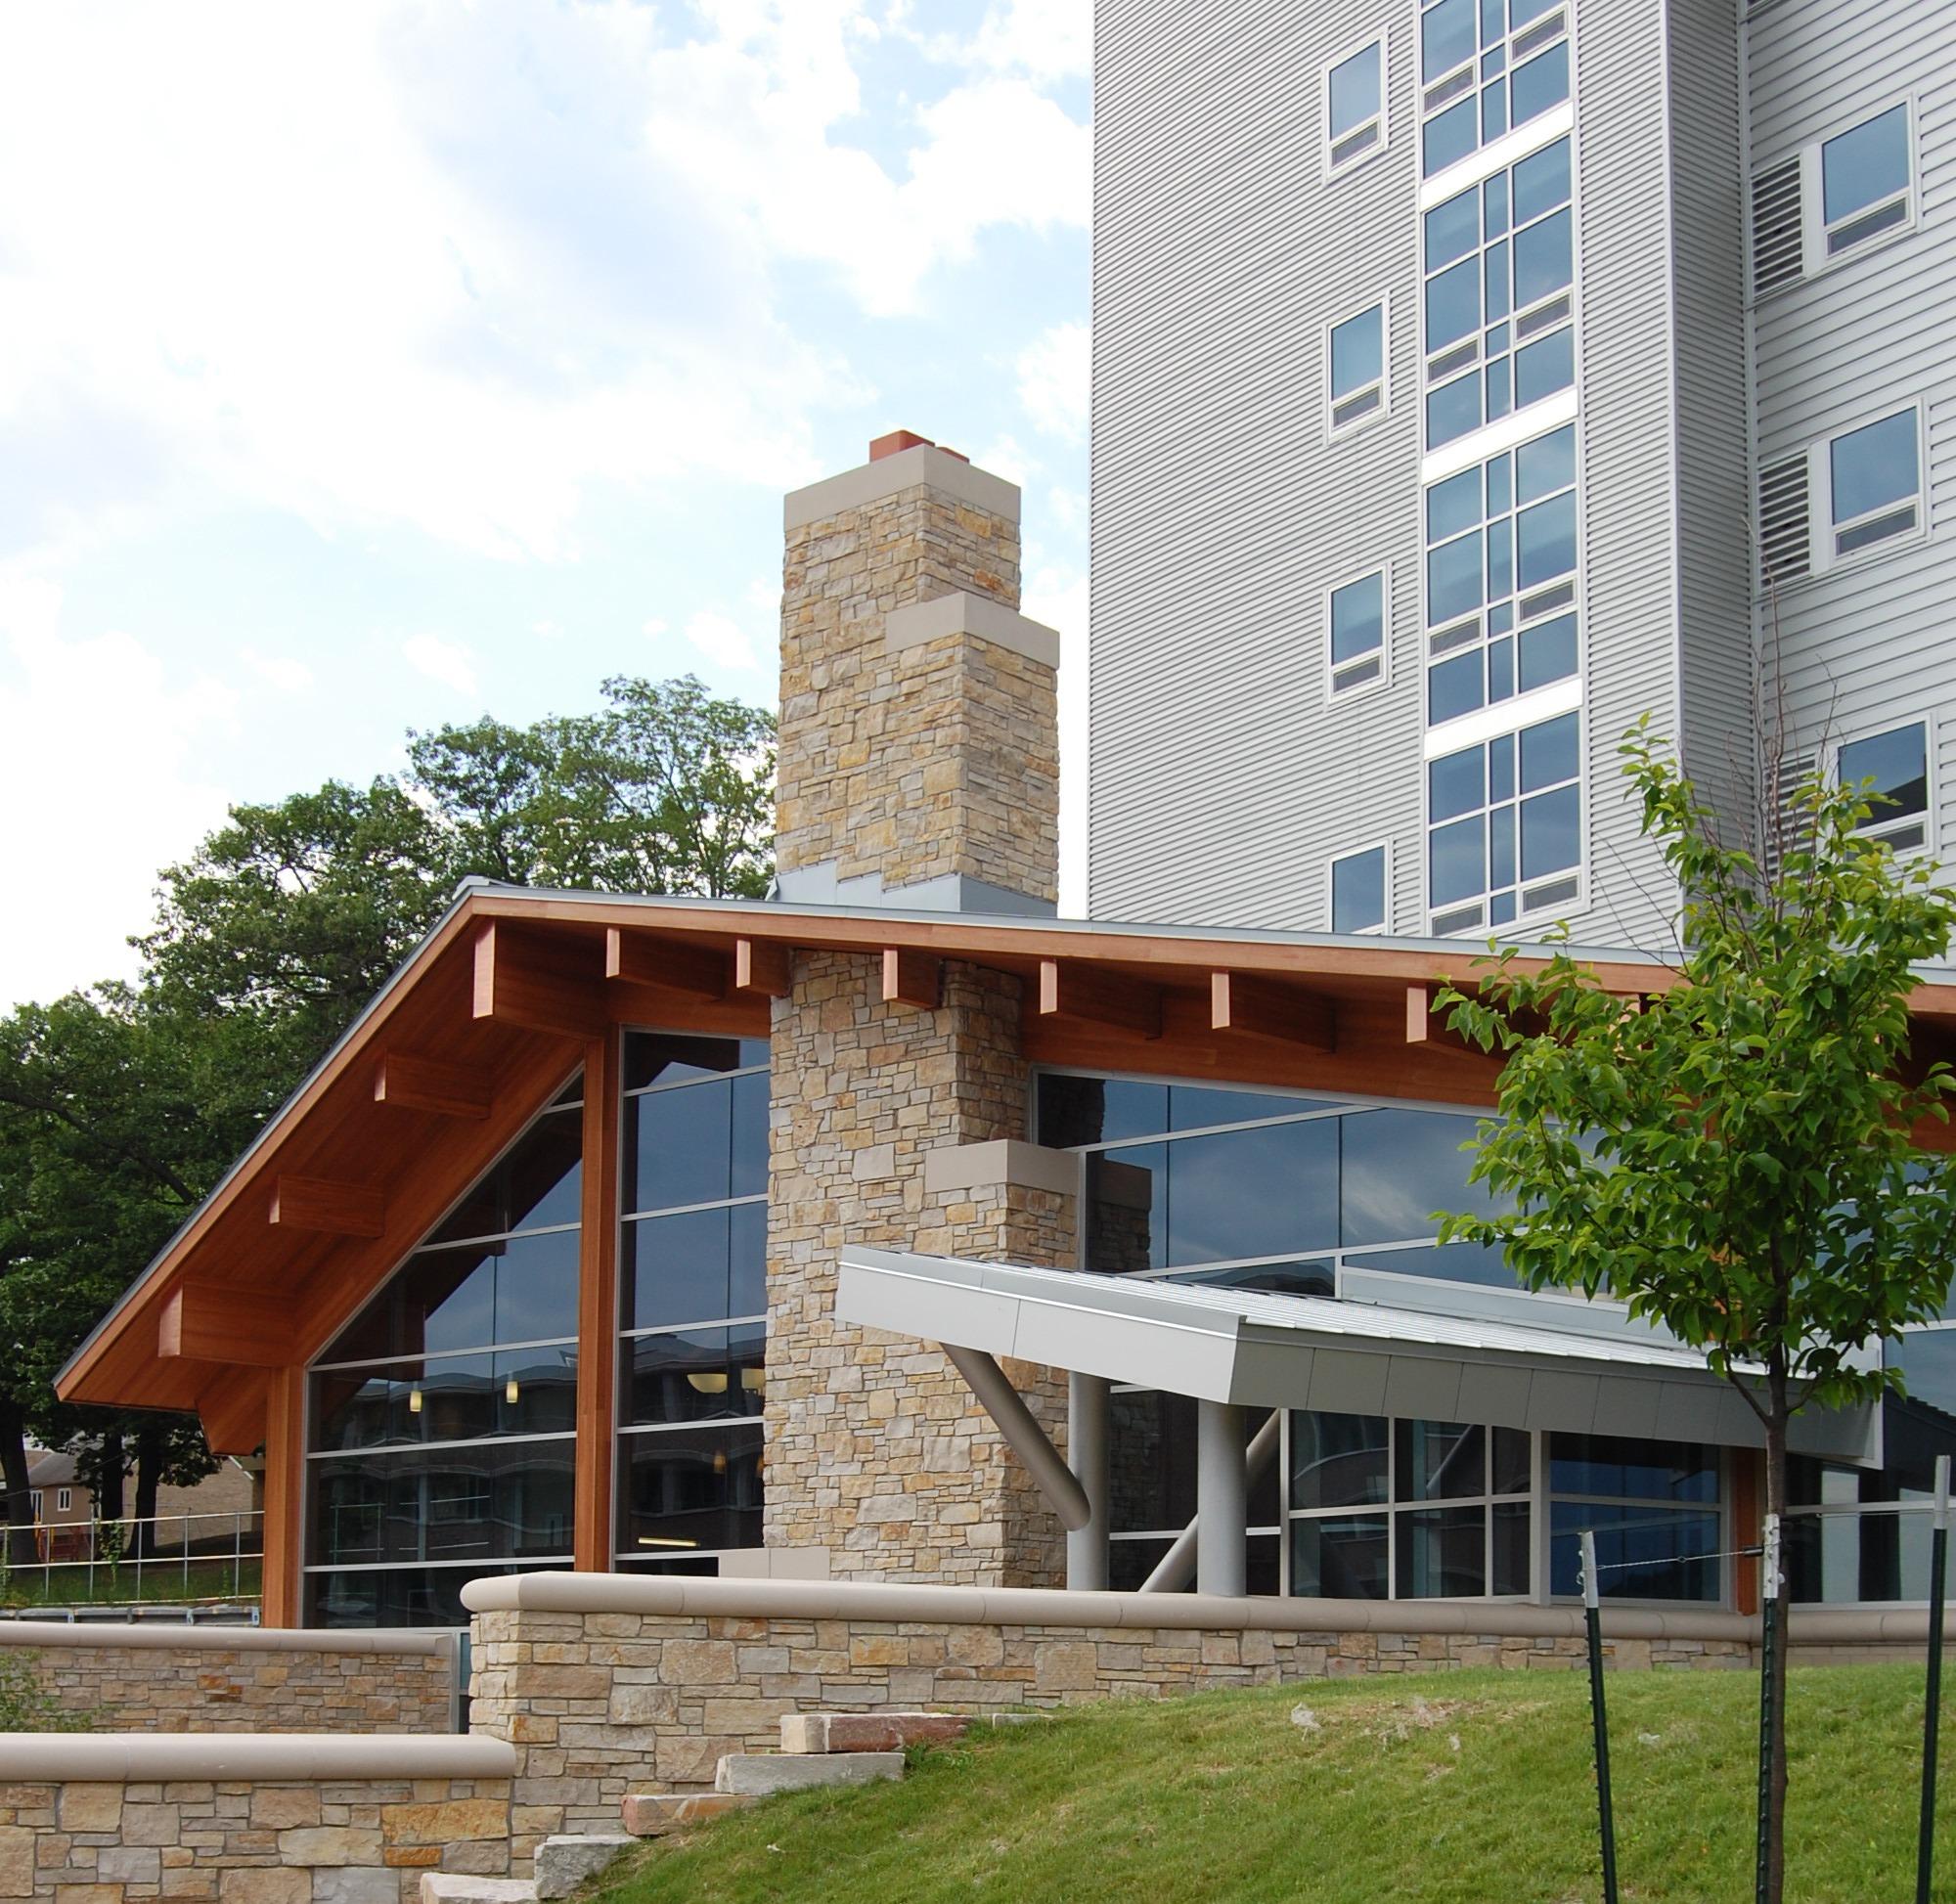 Michigan Technological University: Michigan Technological University Hillside Place